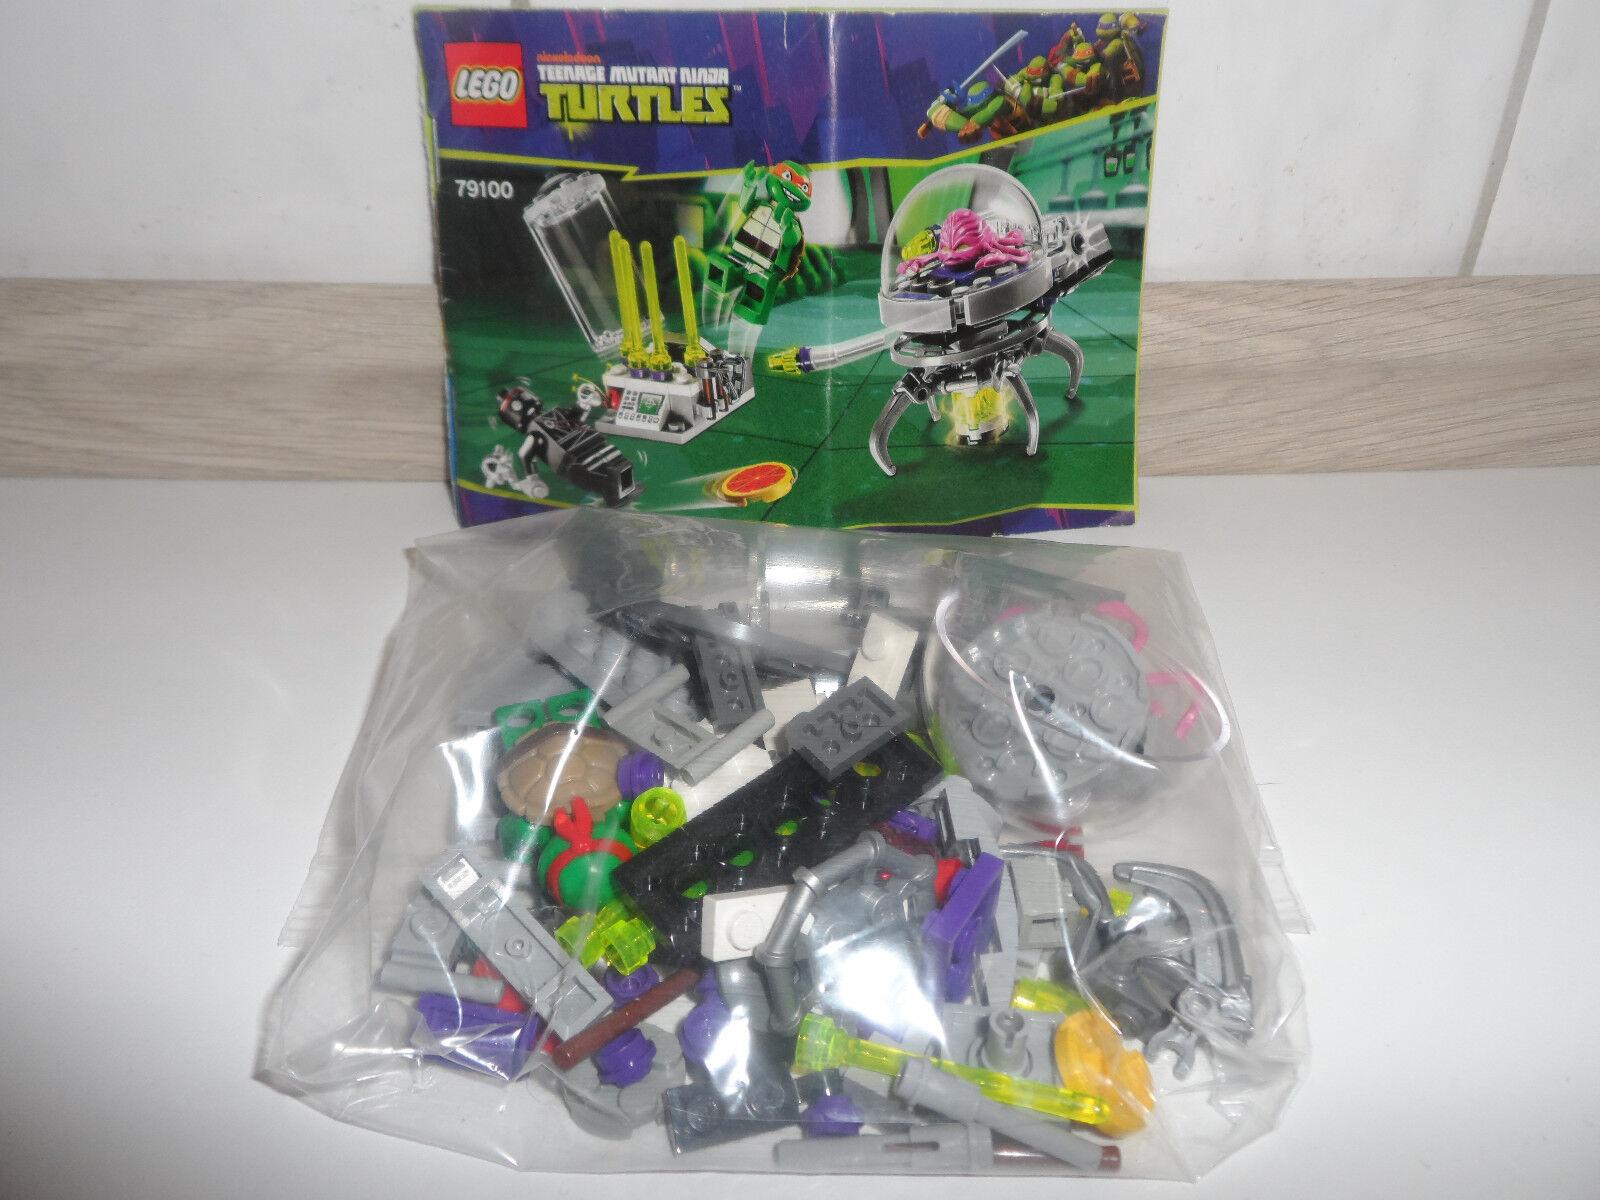 Lego - set set - 65 79100 ninja turtles d2710b